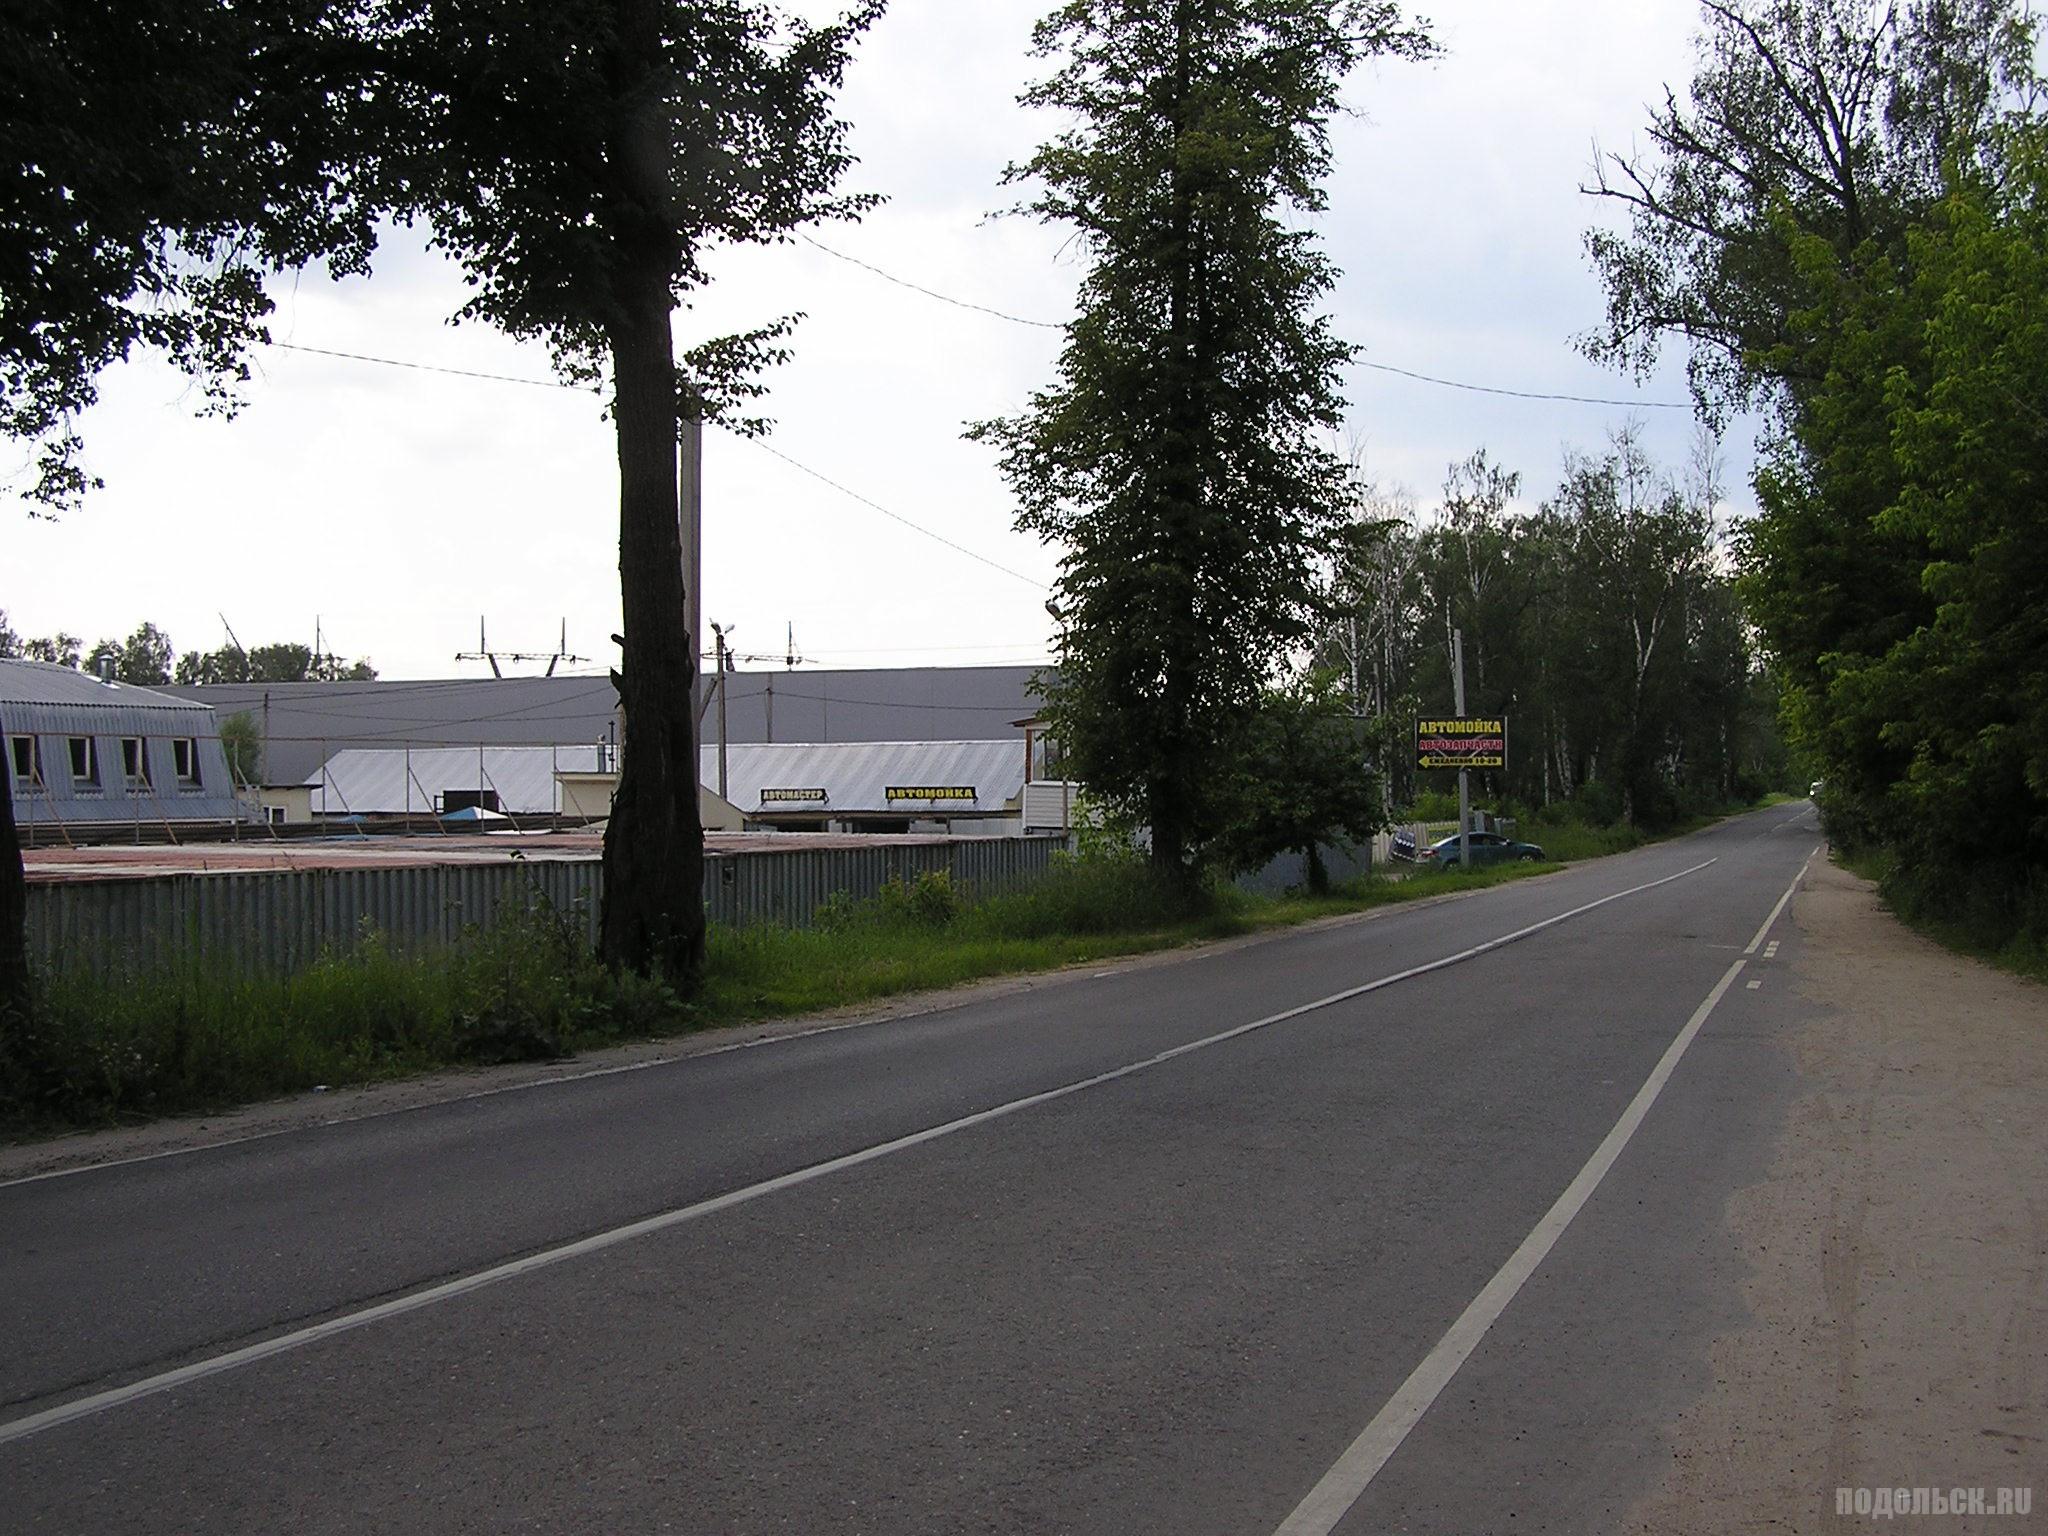 Дорога в деревне Лаговское. 27.06.2016.